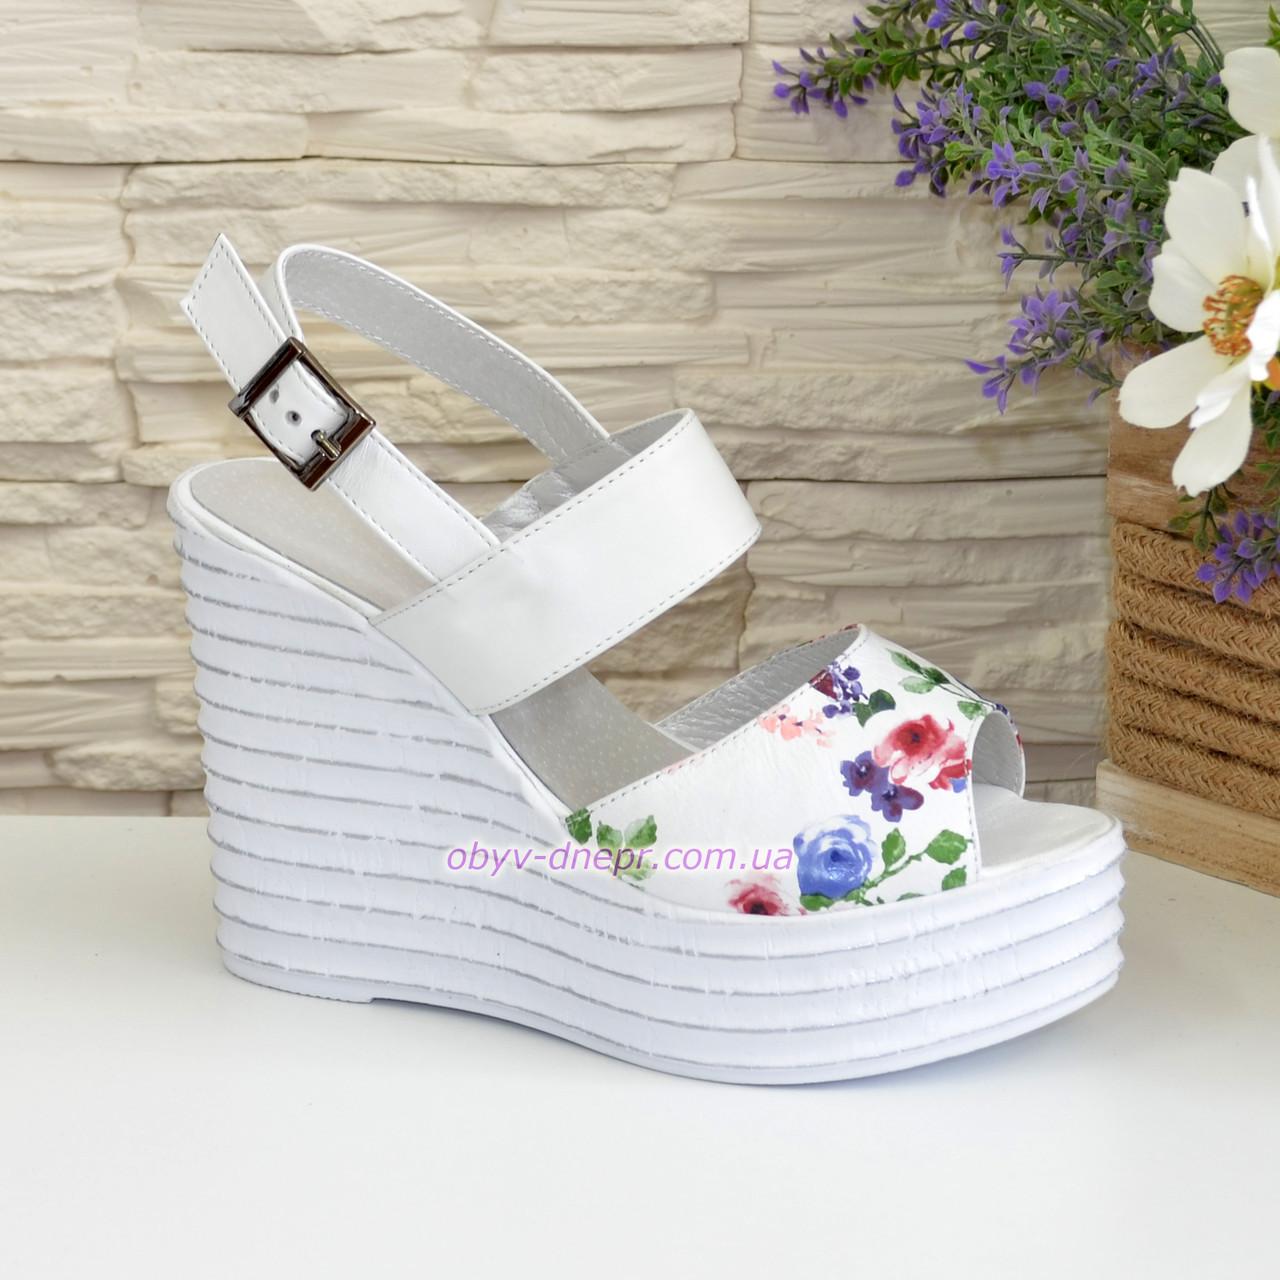 Стильные женские босоножки на платформе, цвет цветы/белый